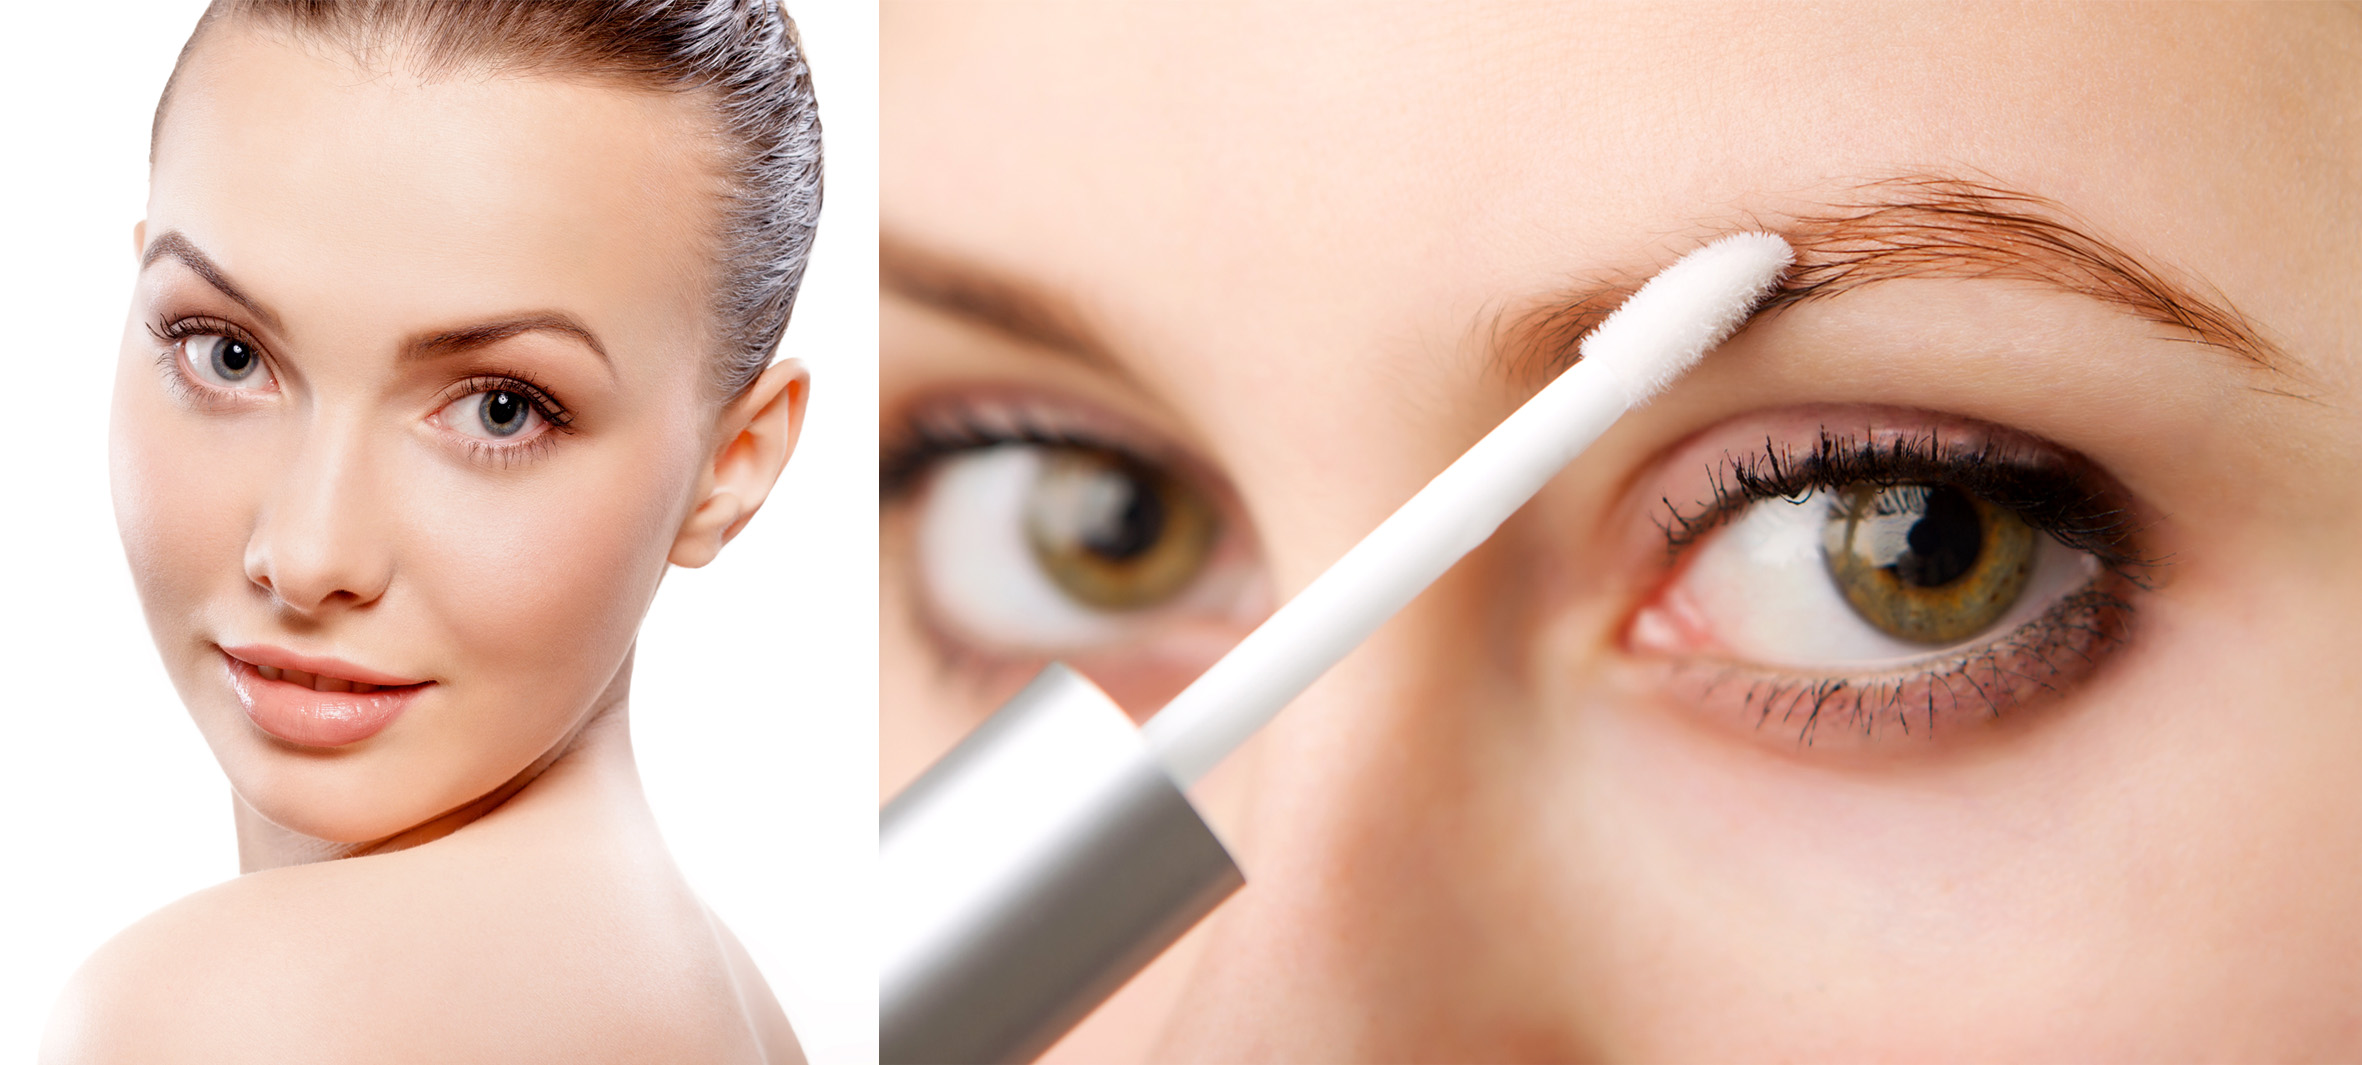 Будьте готовы к тому, что процесс заживления кожи займет некоторое время